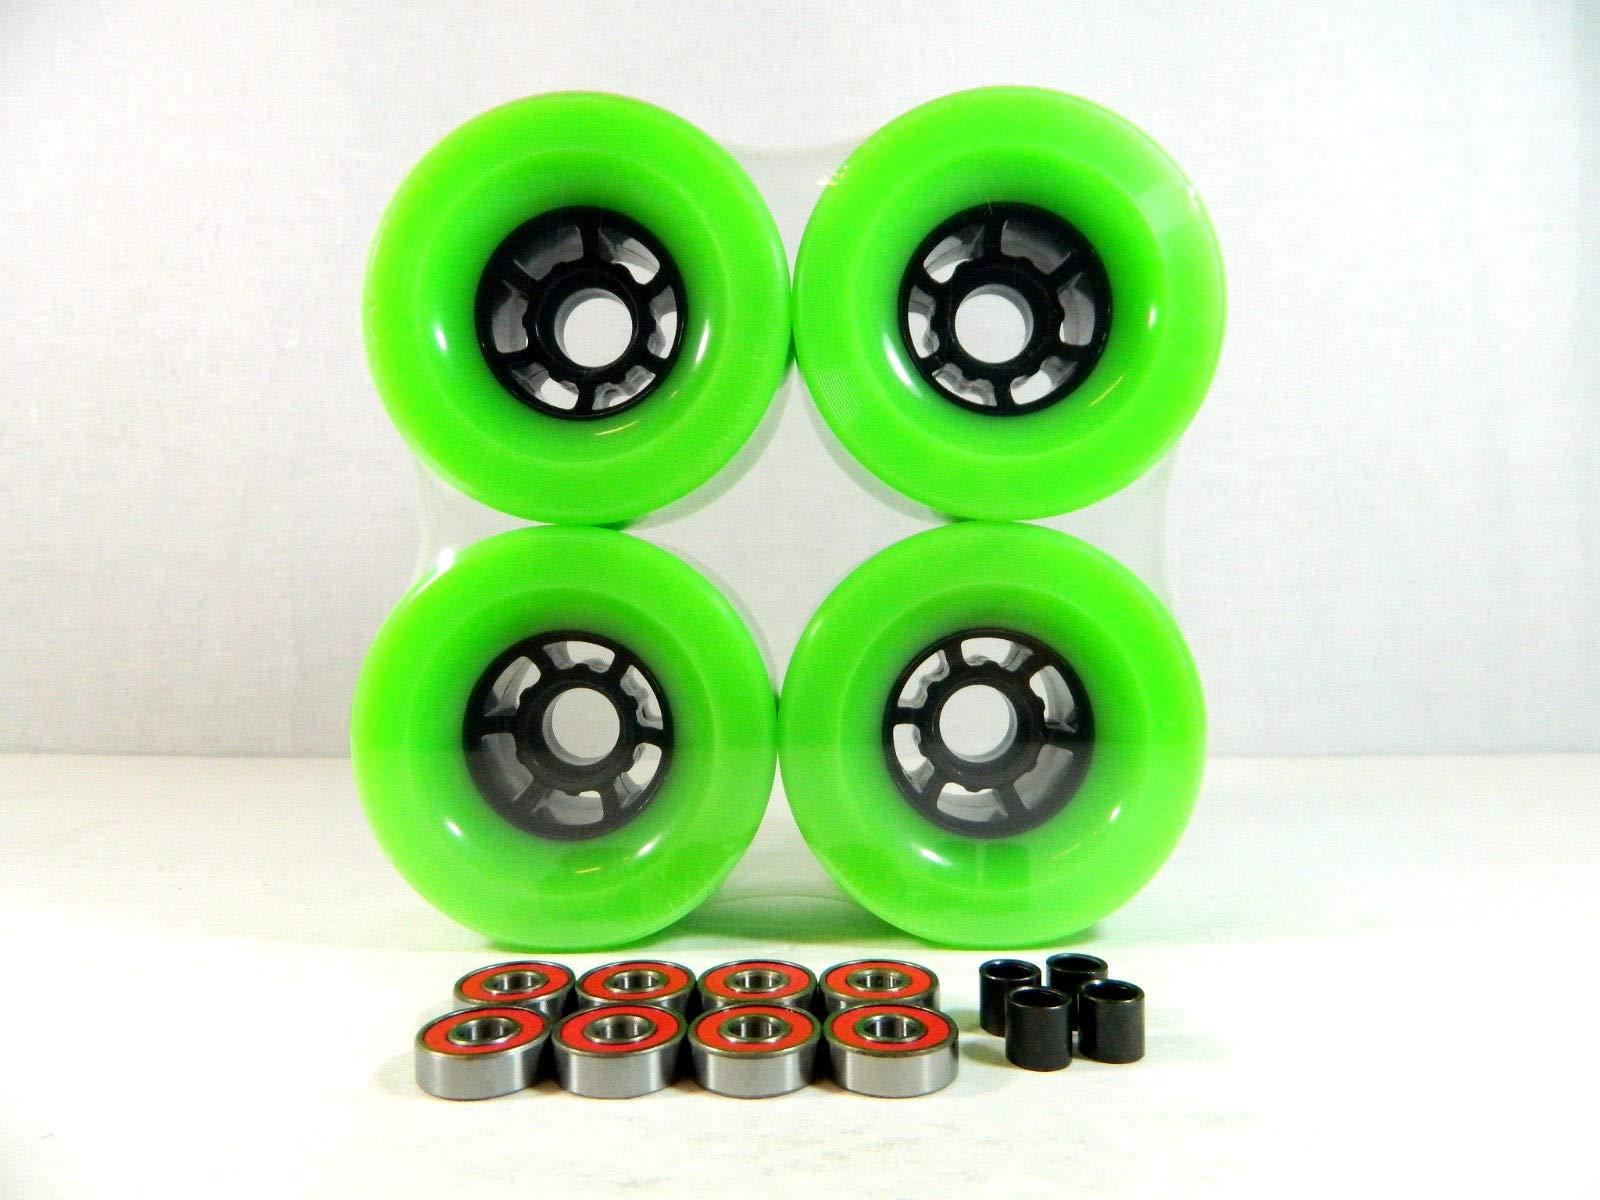 Green Blank Pro 90Mm Multiple Color Longboard Flywheels + ABEC 7 Bearings + Spacers